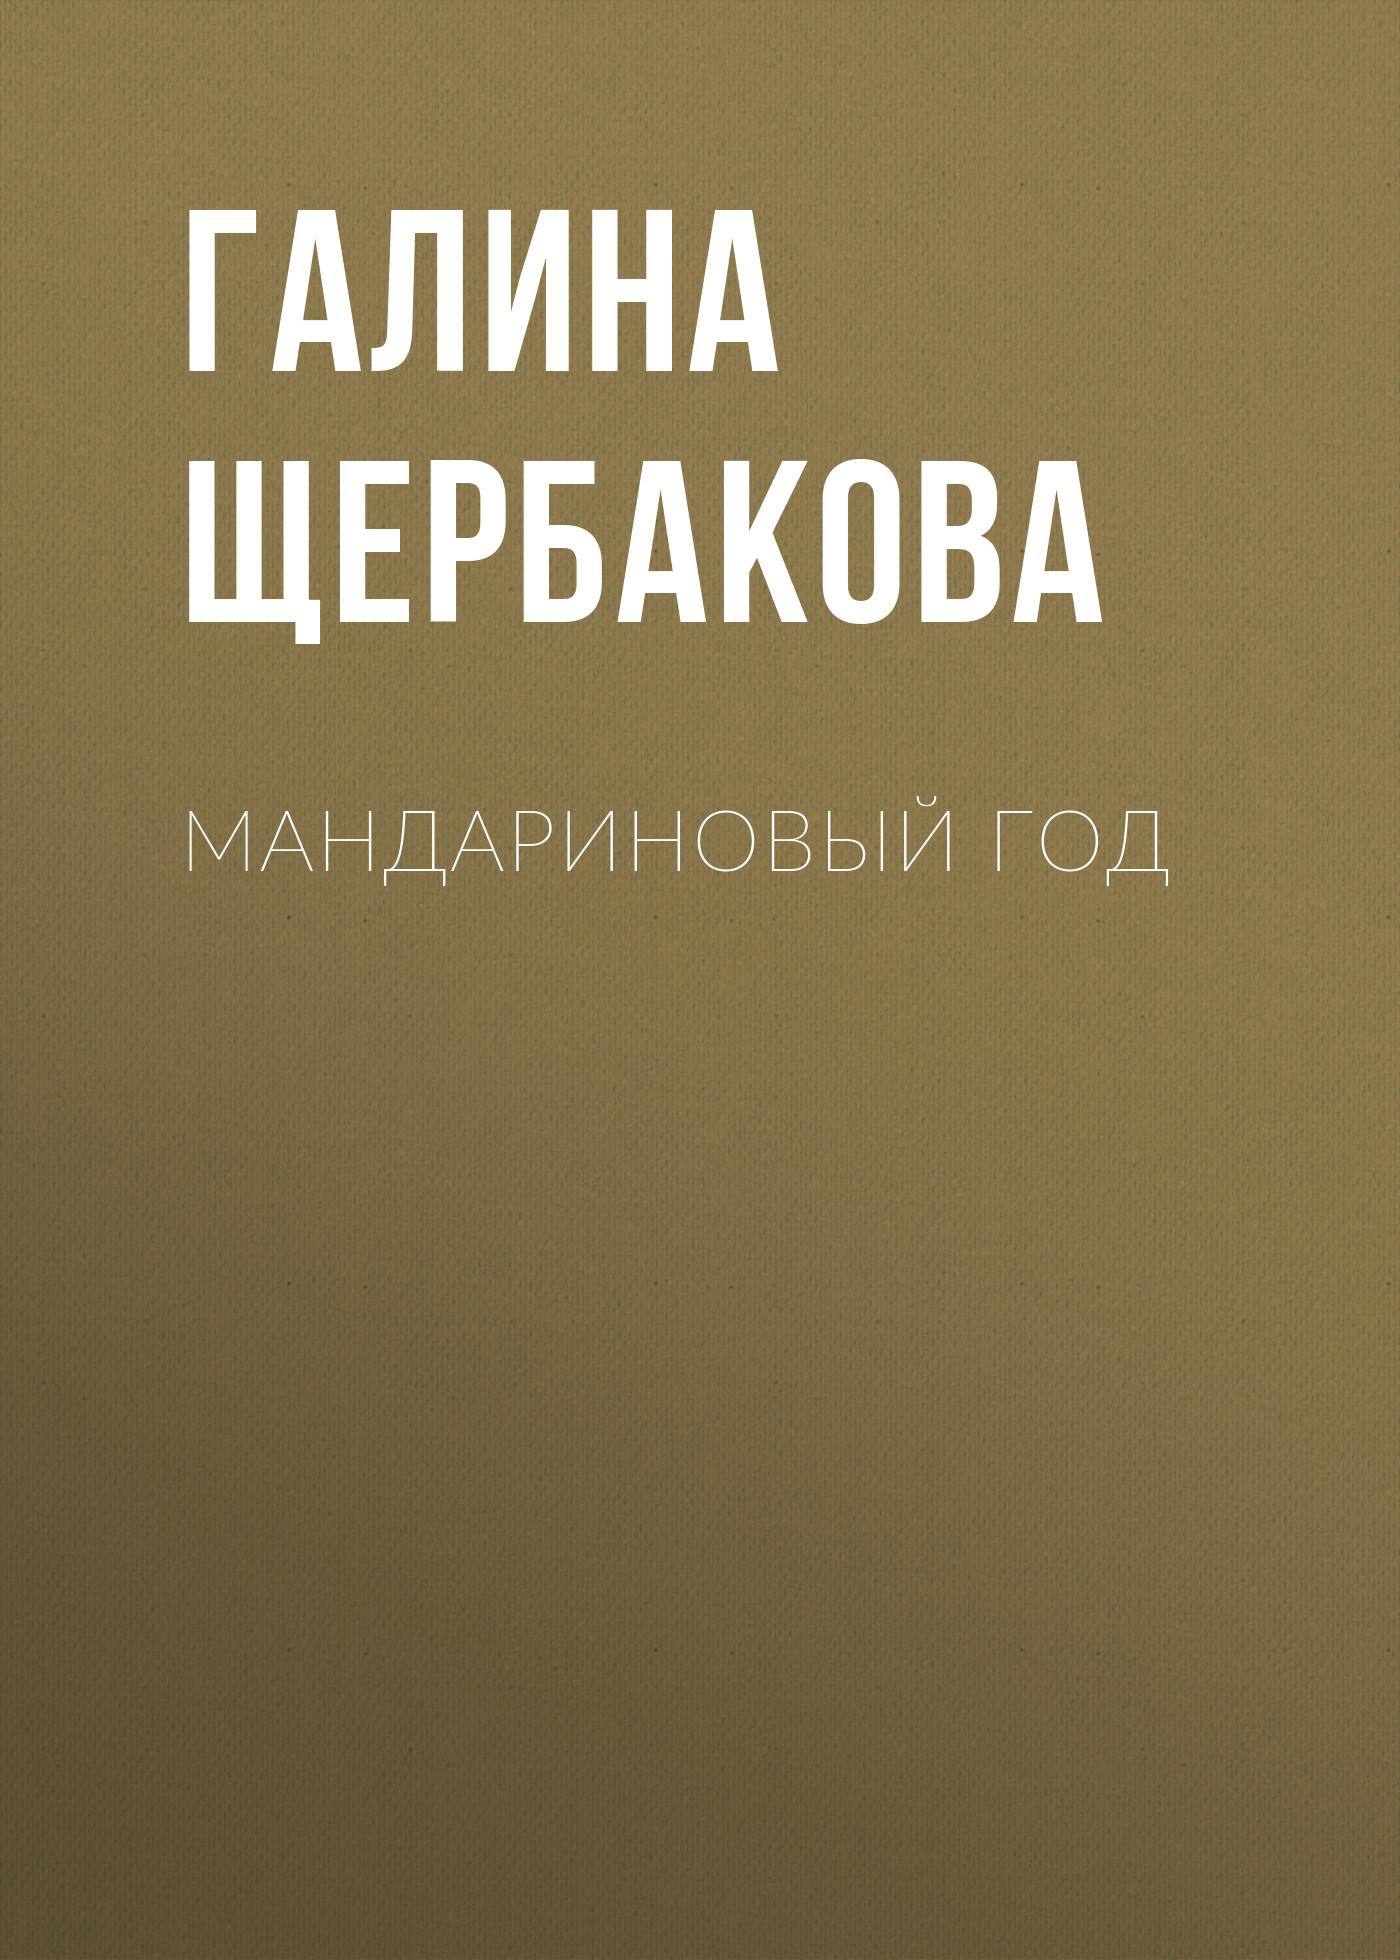 Галина Щербакова Мандариновый год юлия валерьевна щербакова теоретическая механика